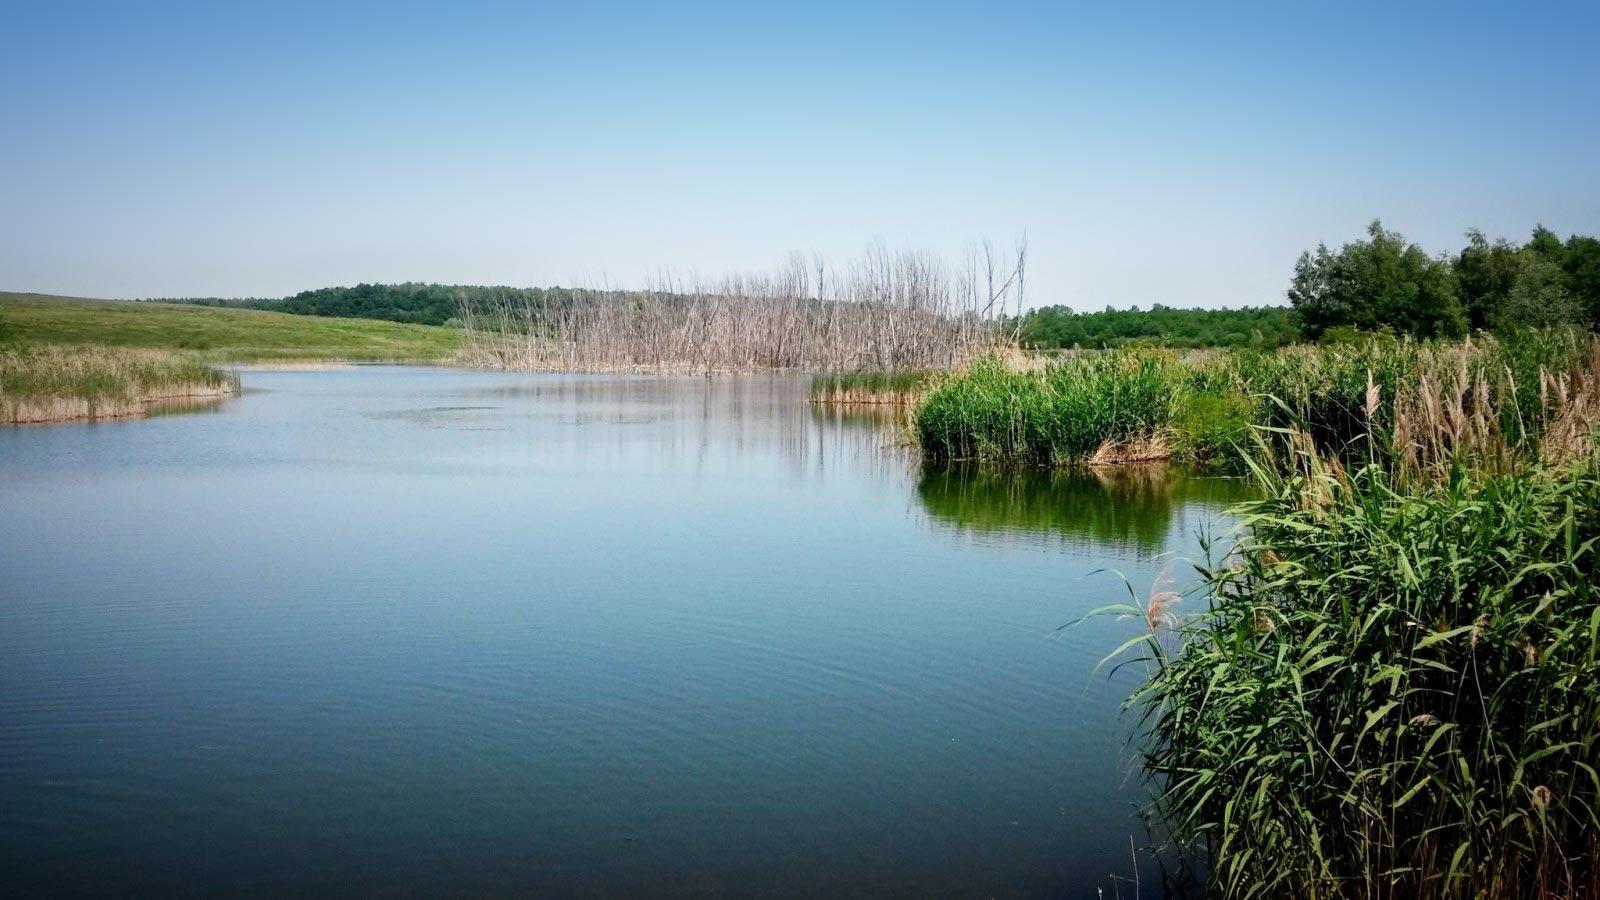 l_0-1-2 Radverleih Dübener Heide – Neuhäuseer See, Petersroda